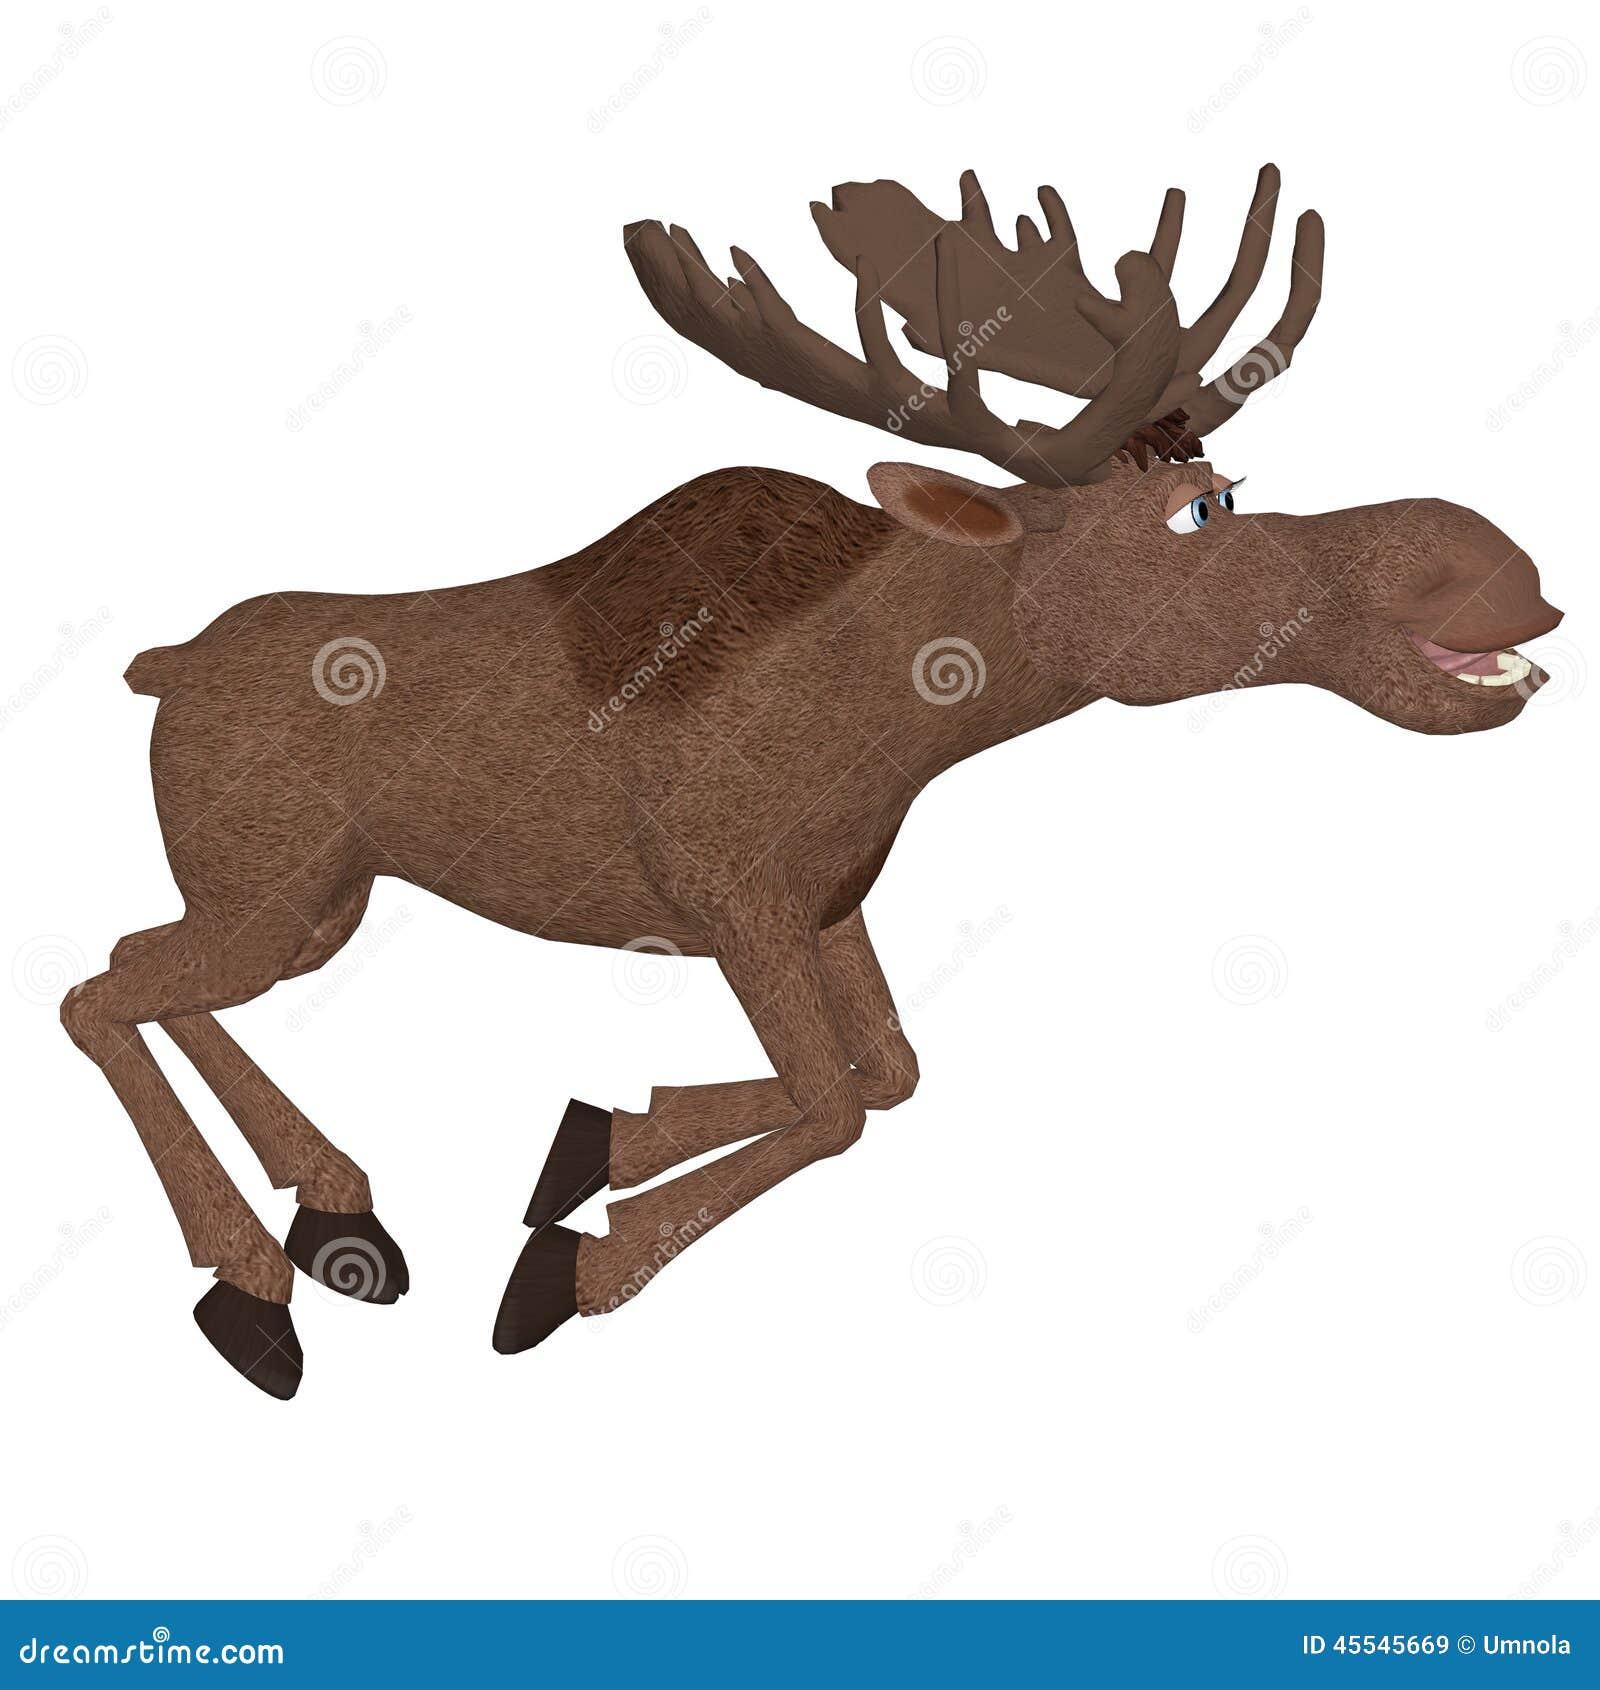 Cartoon moose running stock illustration. Illustration of frame ...